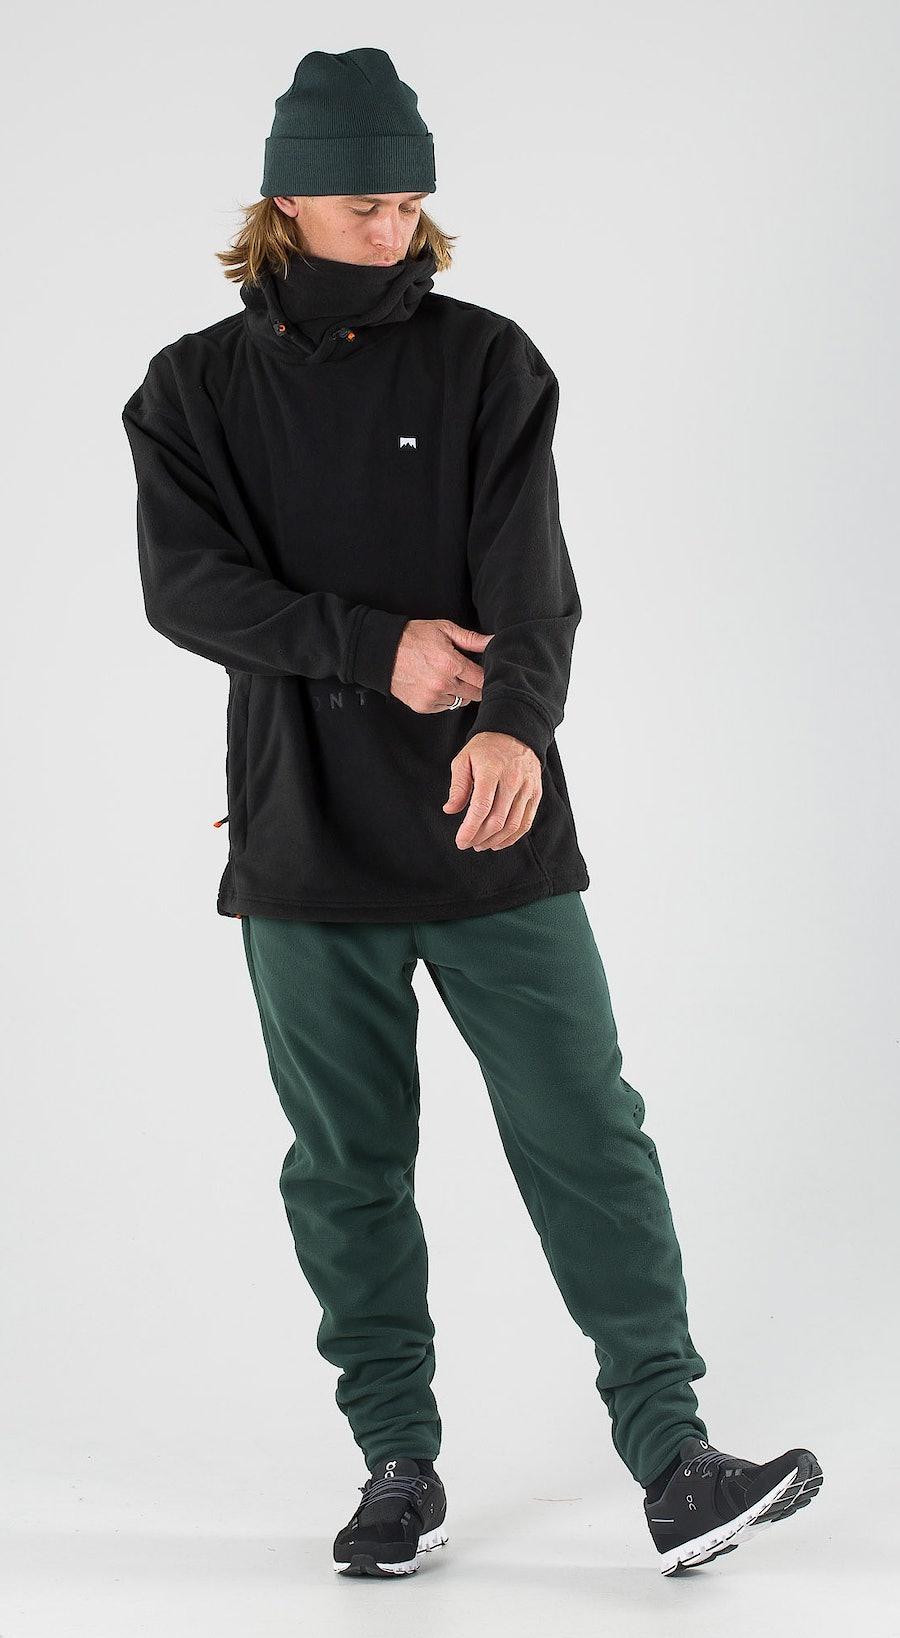 Montec Delta Black Outfit Multi